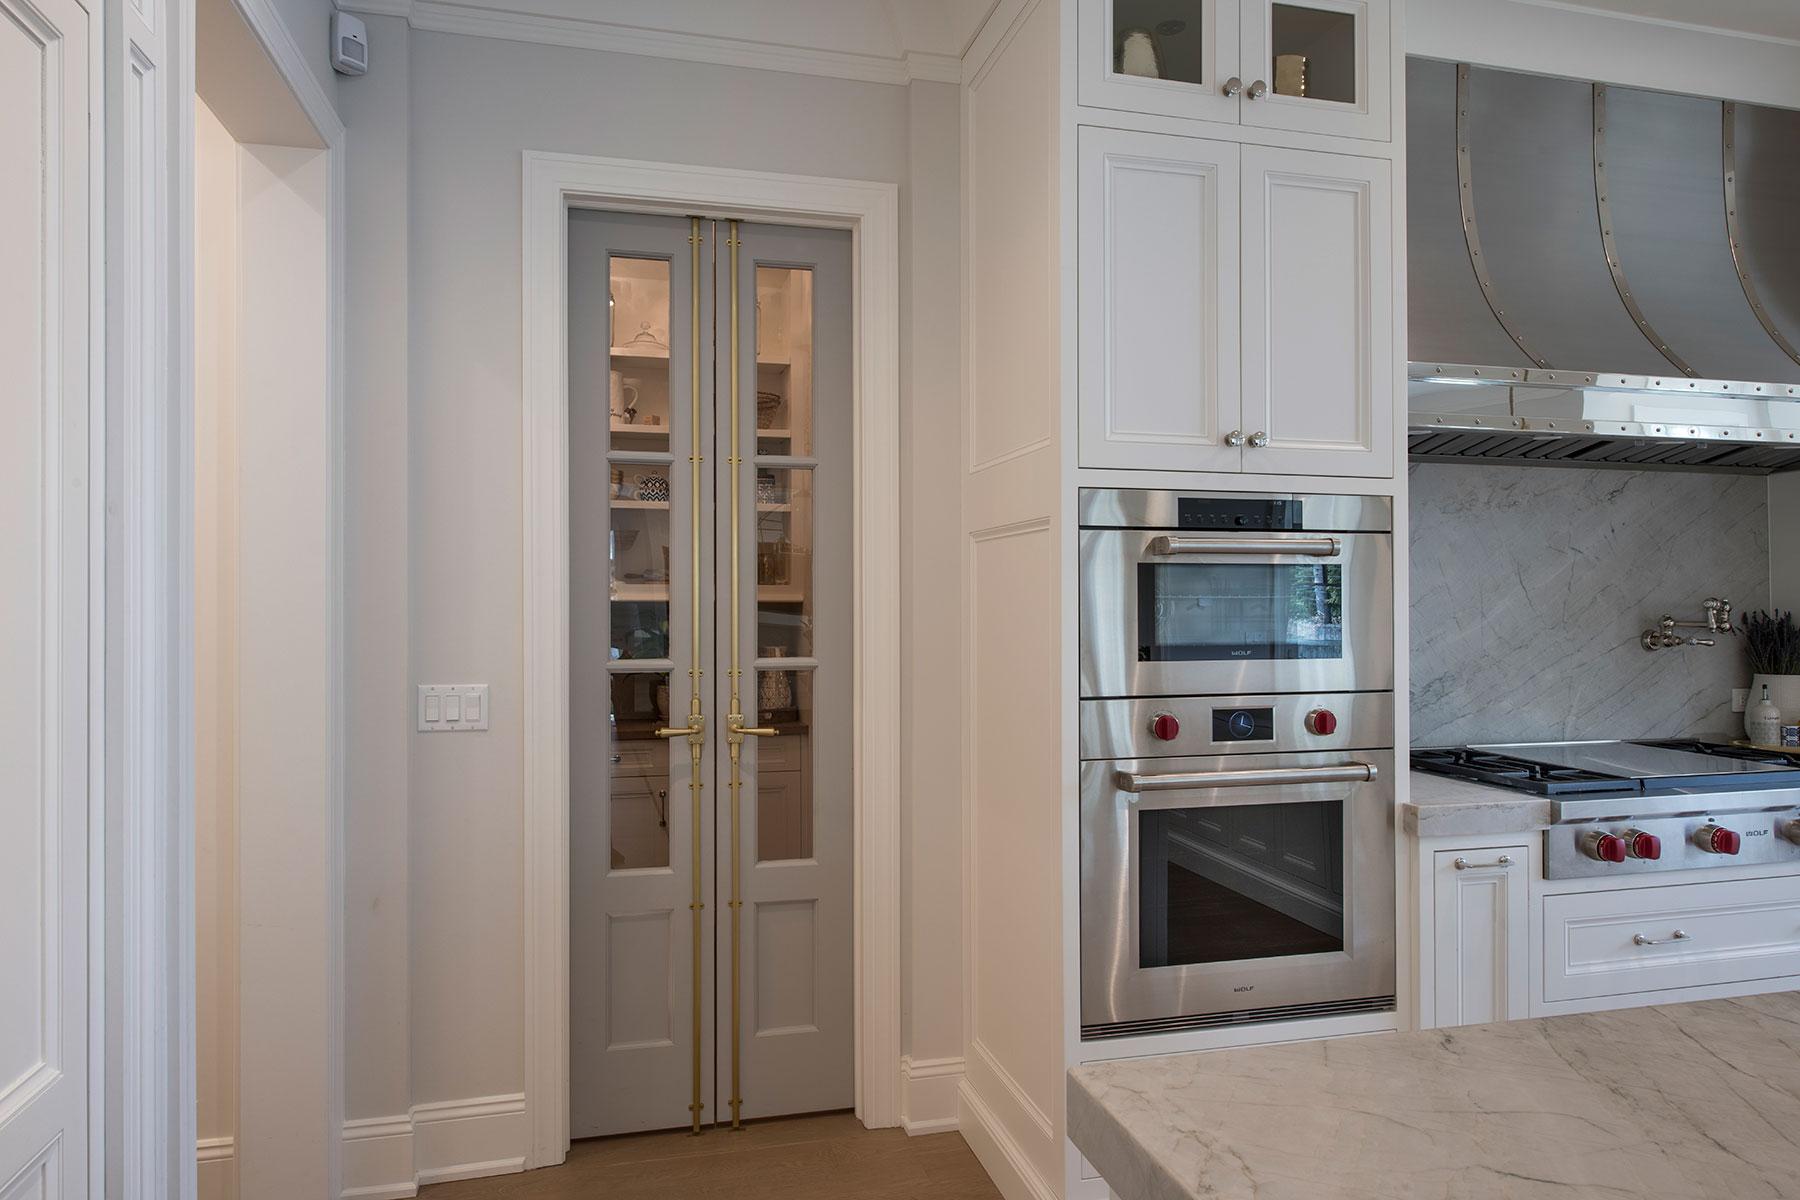 Custom Wood Interior Doors | Paint Grade Custom Interior Pantry Door, Clear Glass  - Glenview Doors - Custom Doors in Chicago